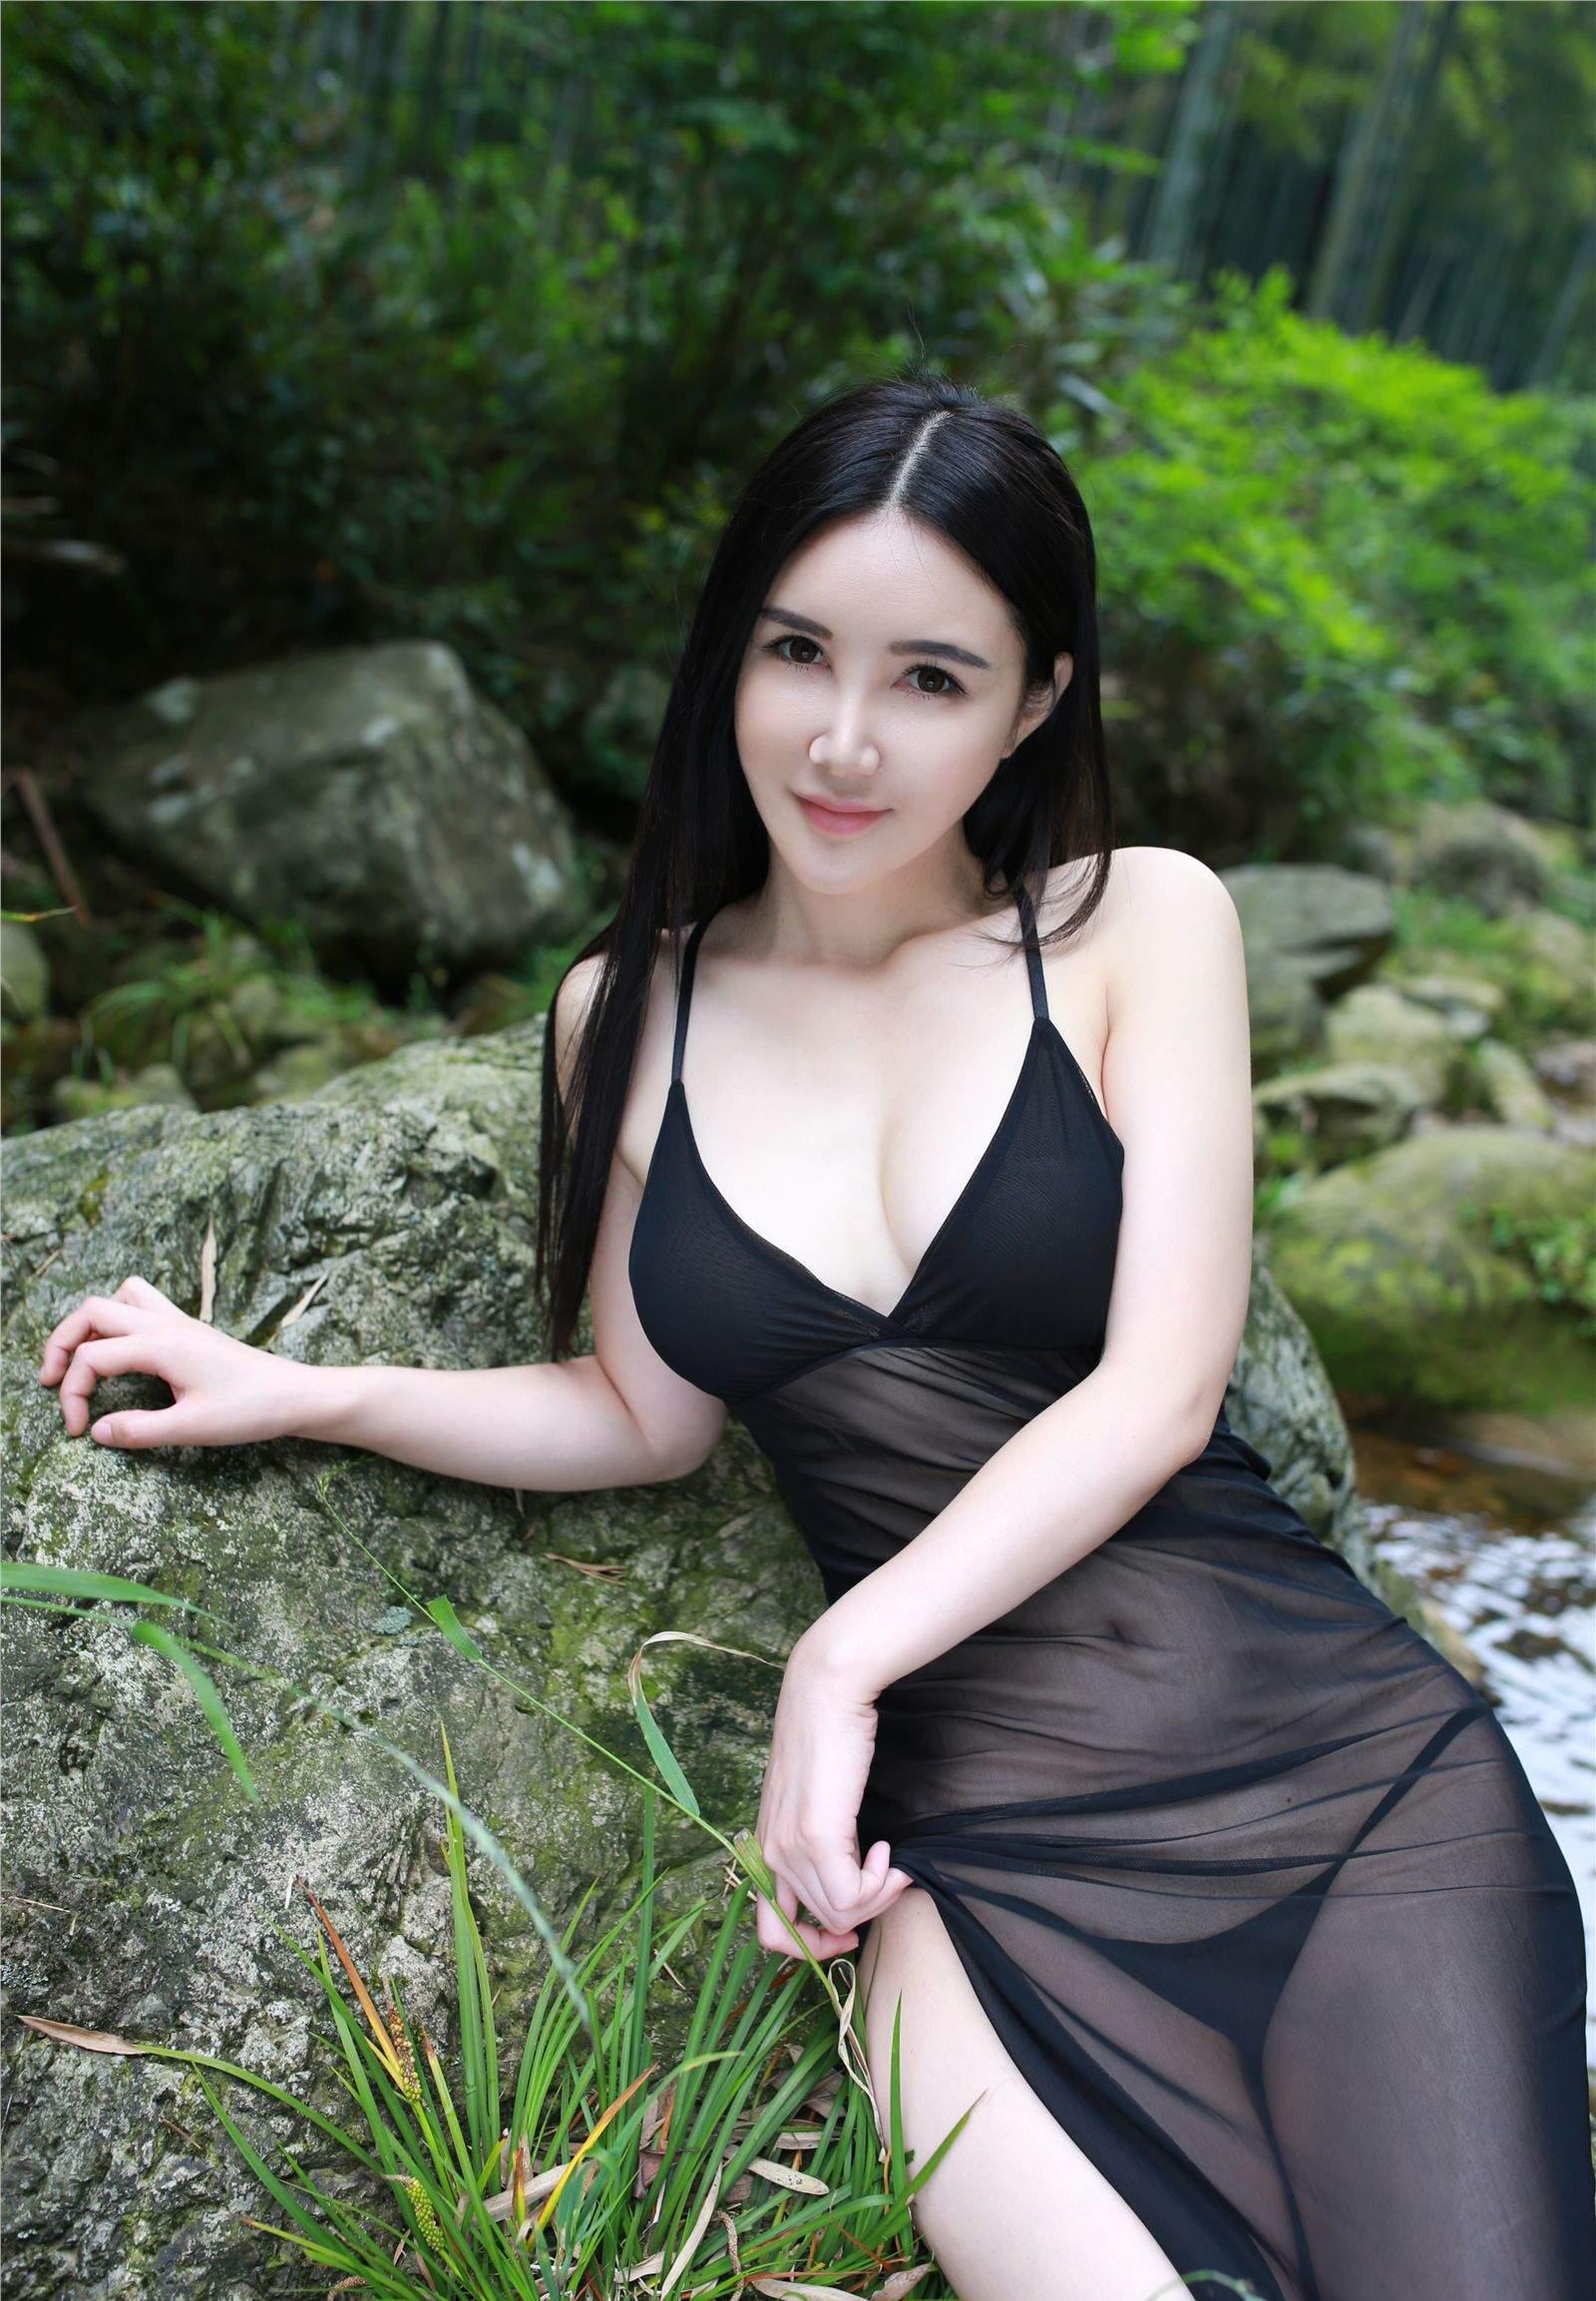 顾欣怡 夏日小溪 - 花開有聲 - 花開有聲